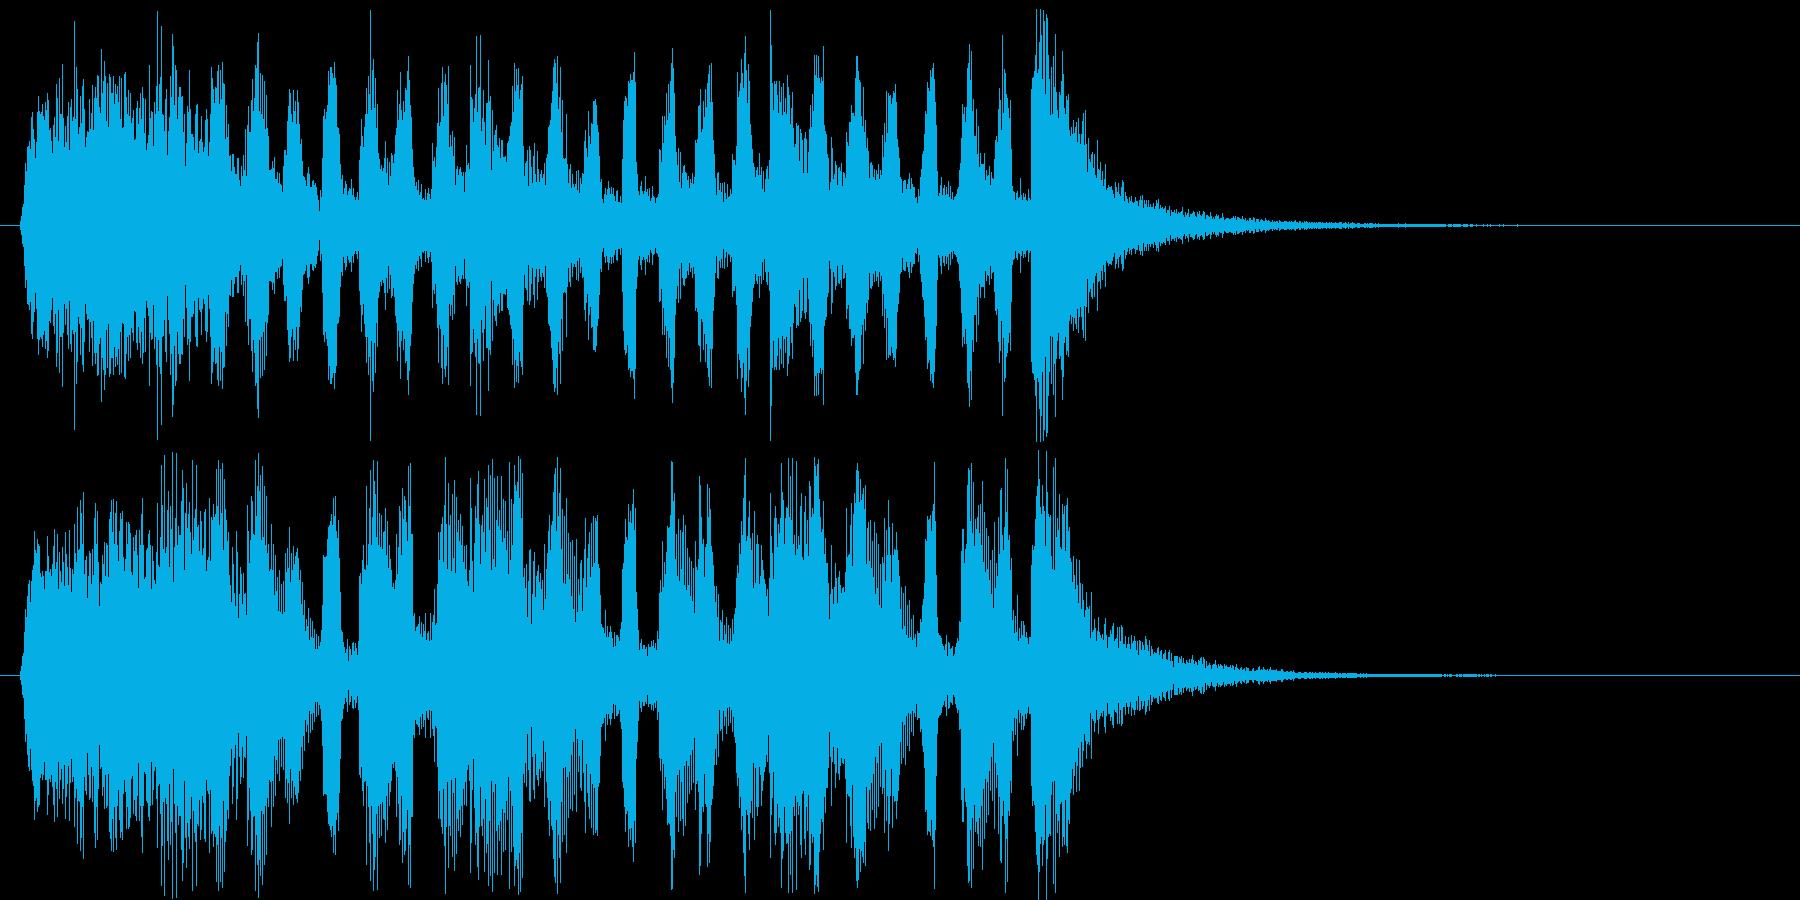 慌ただしいコミカルな効果音の再生済みの波形